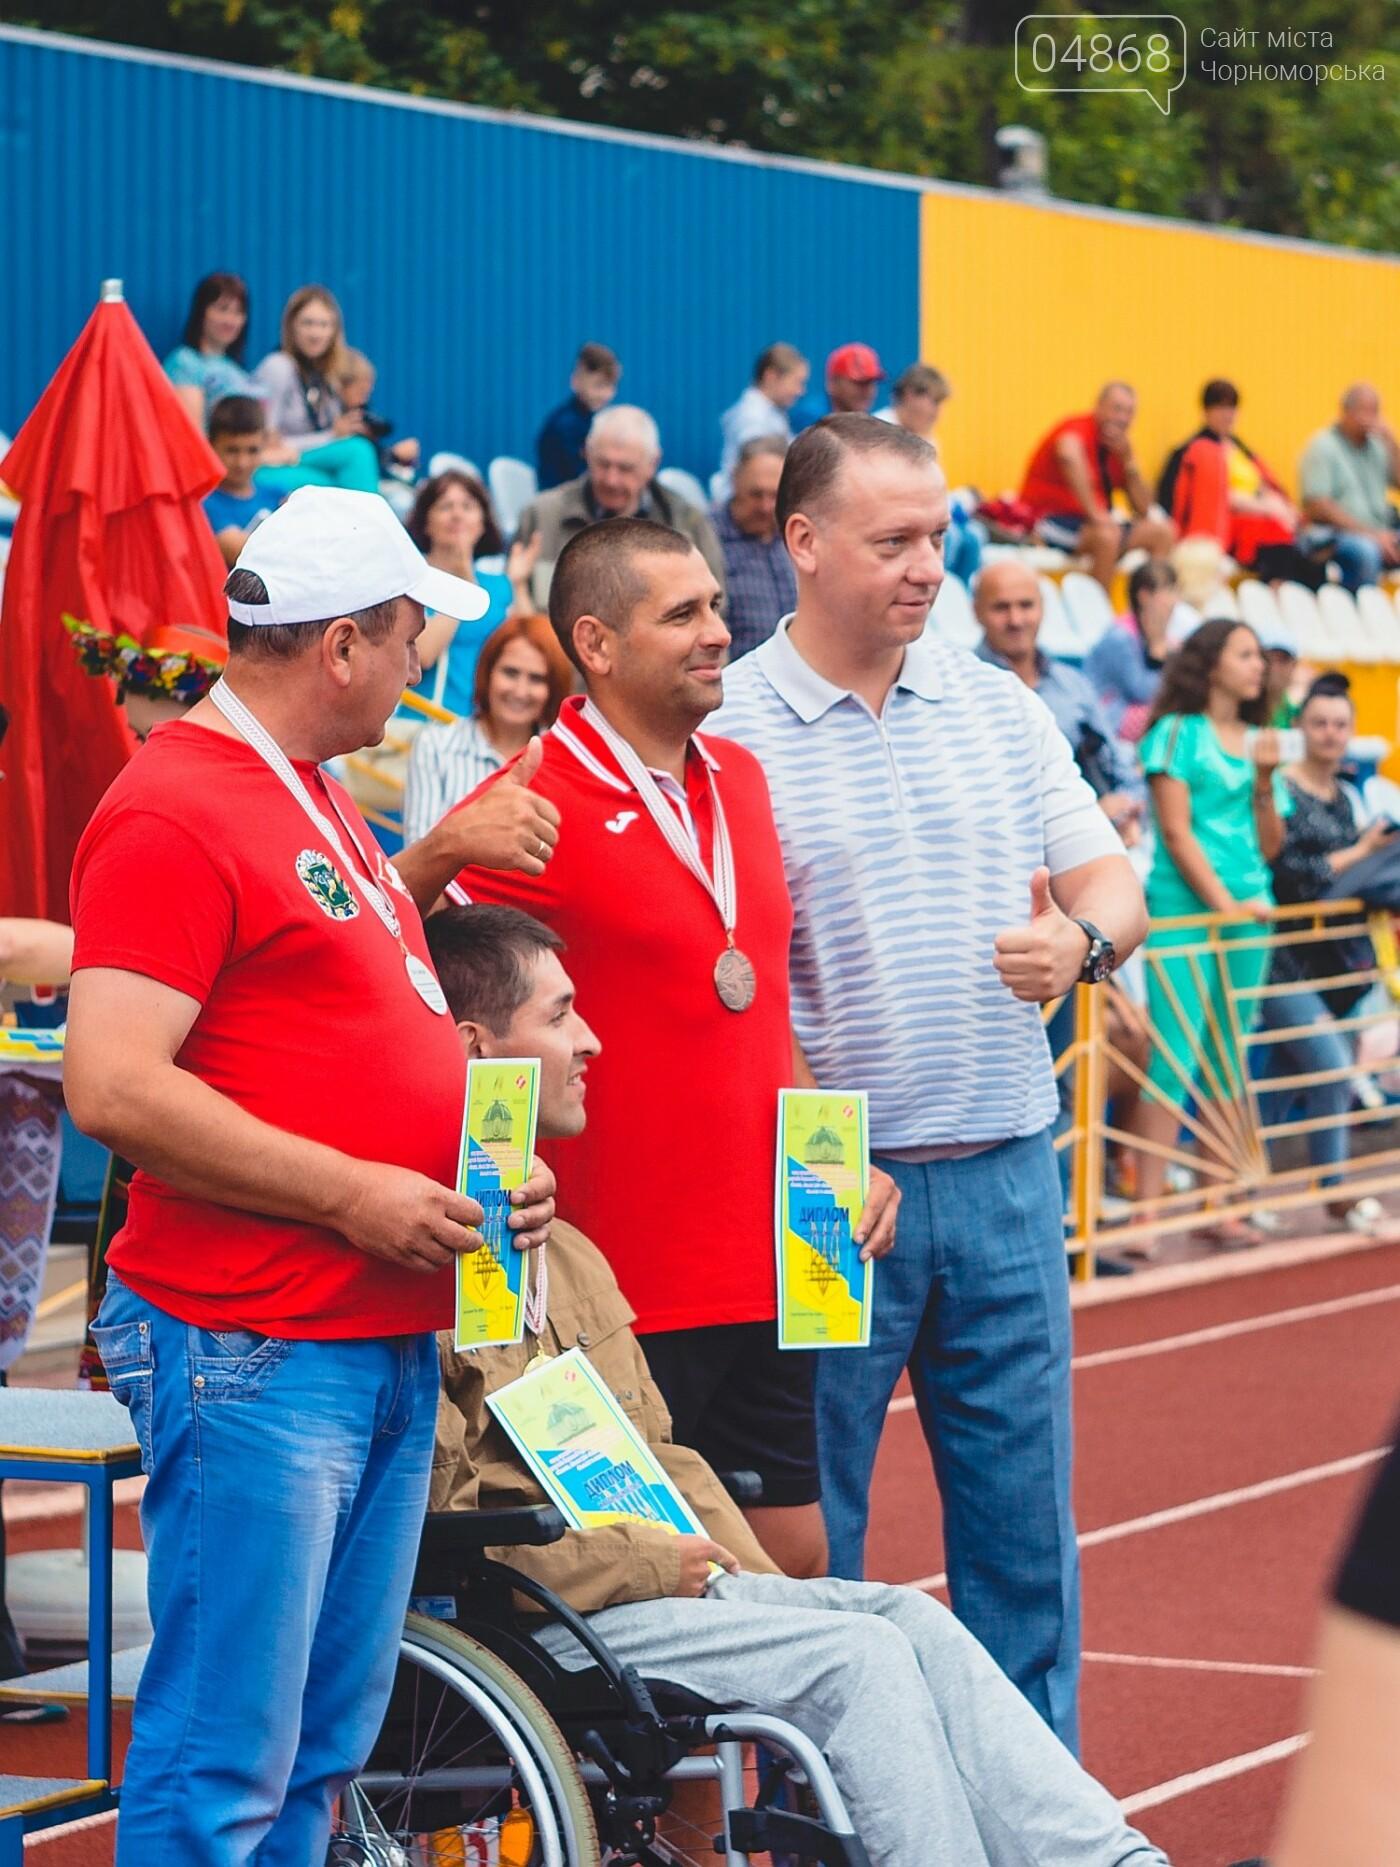 В Черноморске завершилась VII Всеукраинская спартакиада среди депутатов, фото-8